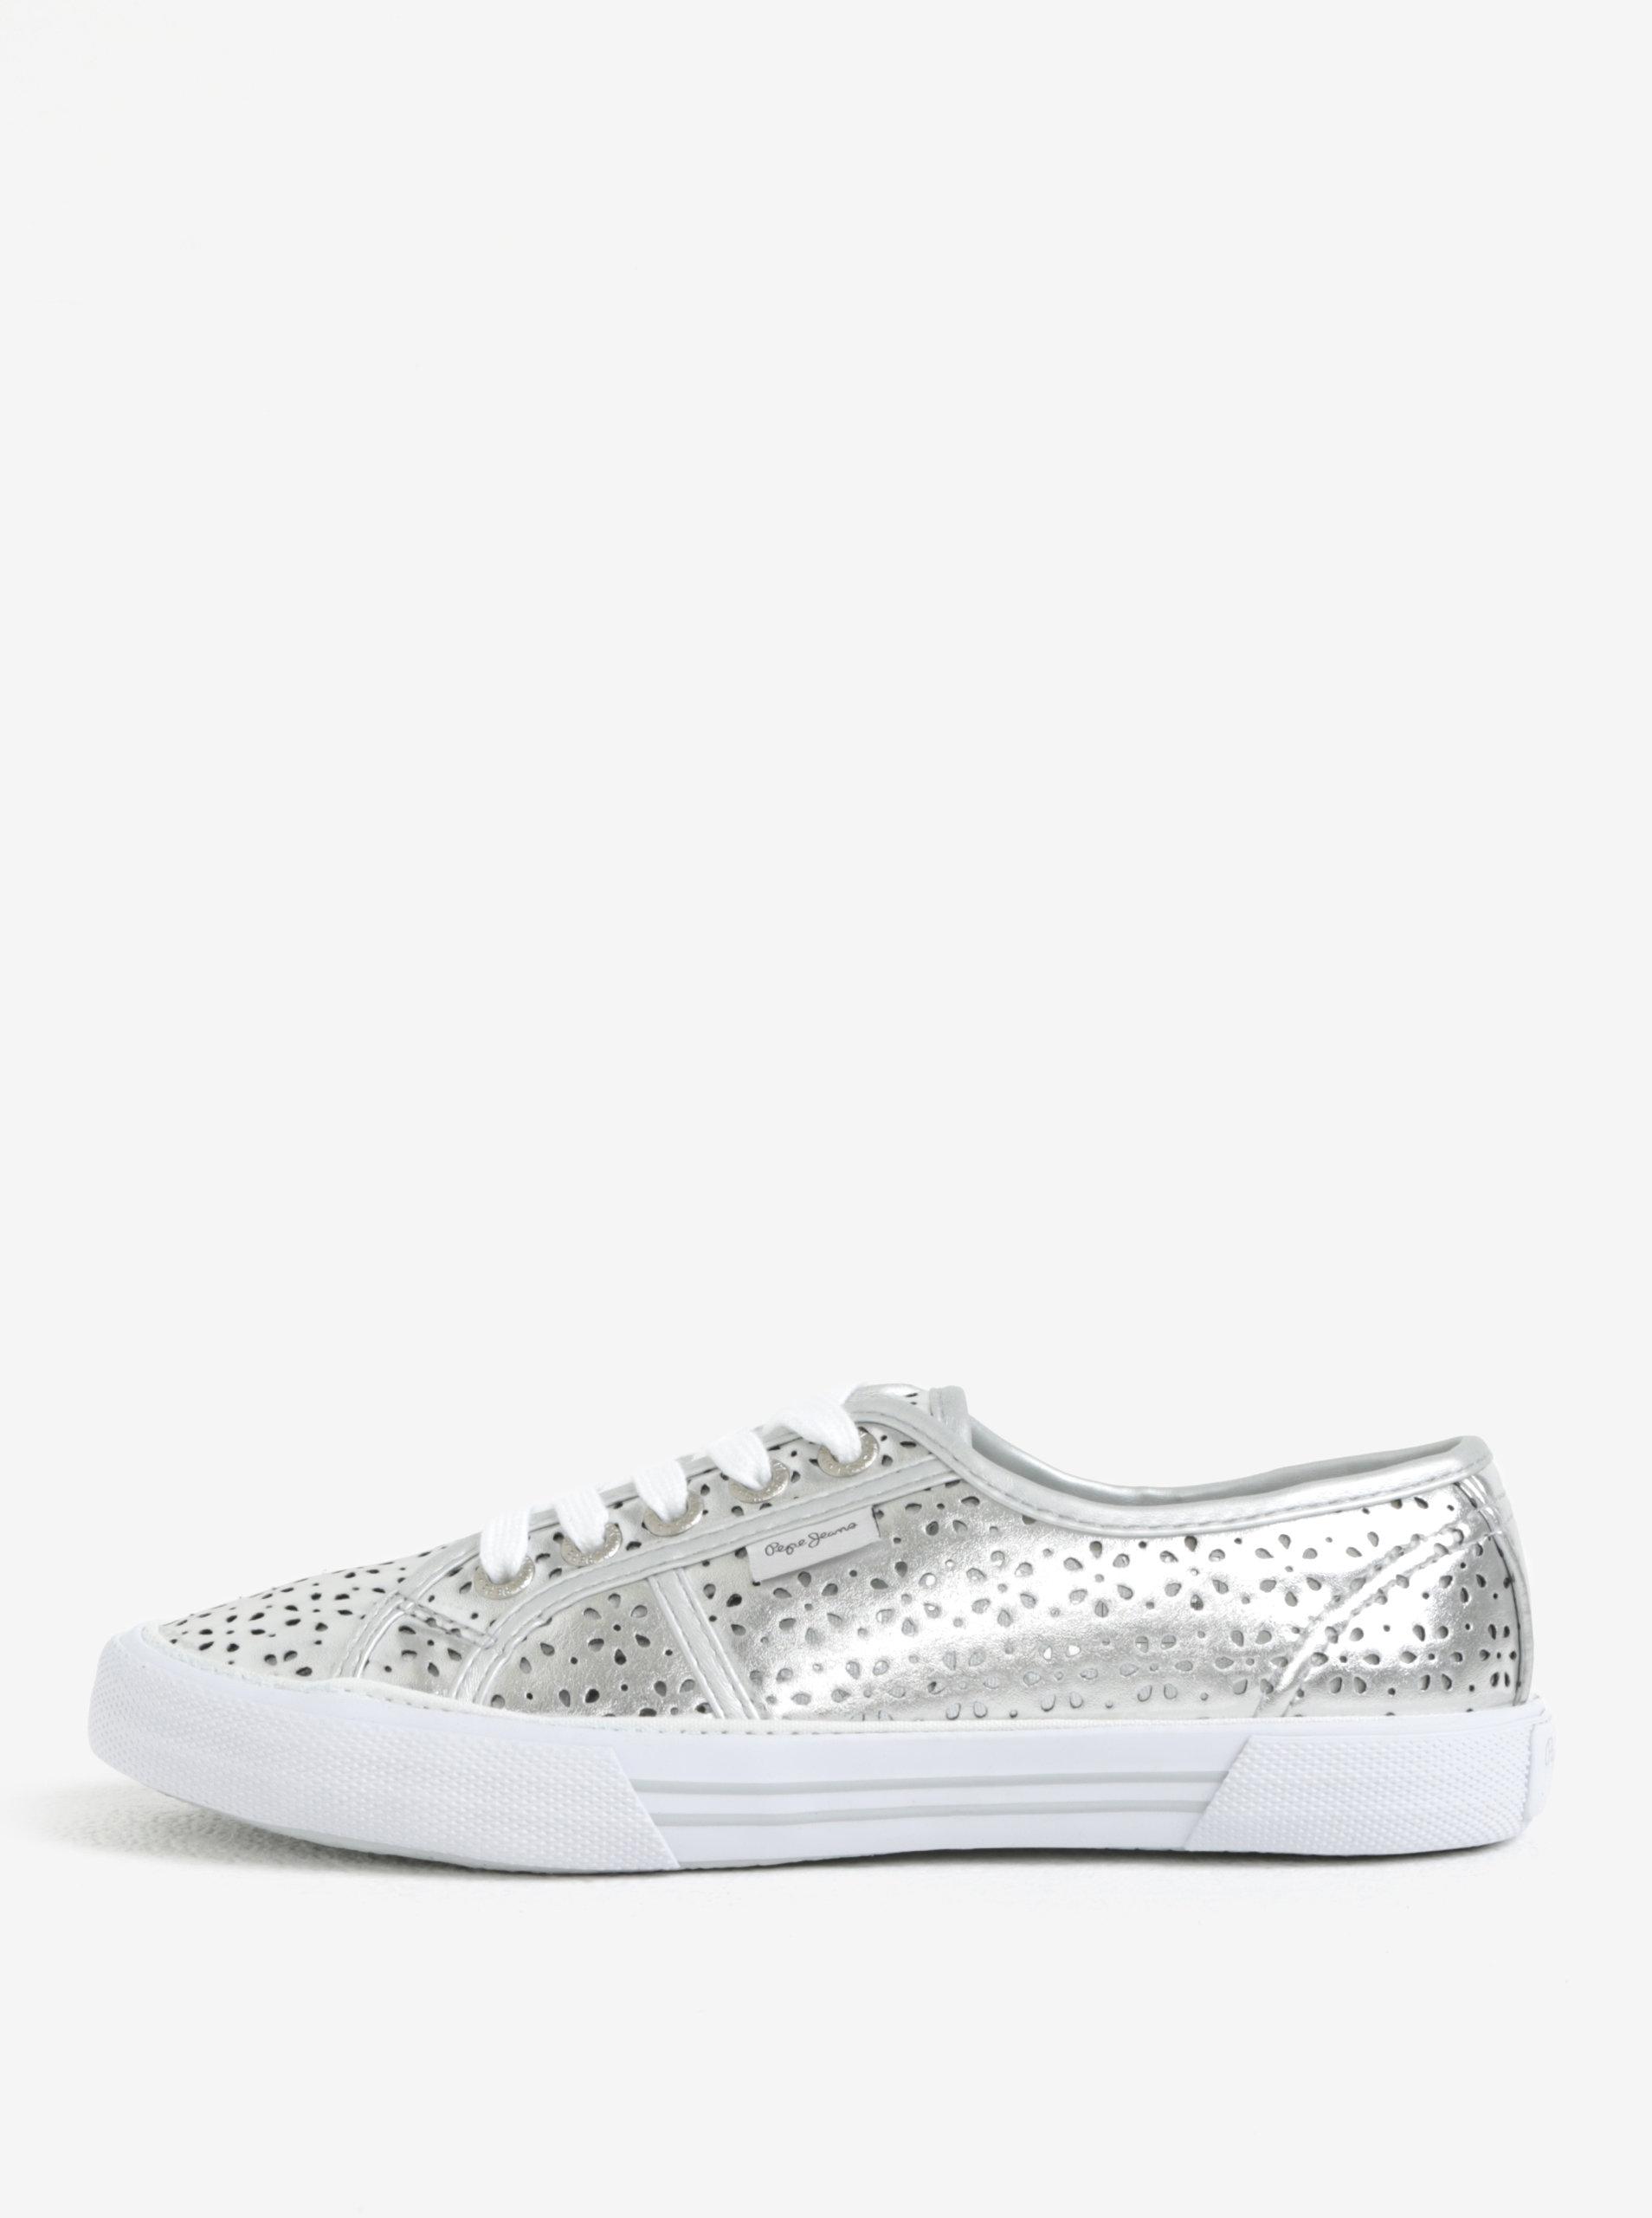 Dámské perforované tenisky ve stříbrné barvě Pepe Jeans Aberlady daisy ... 6ba207ea88